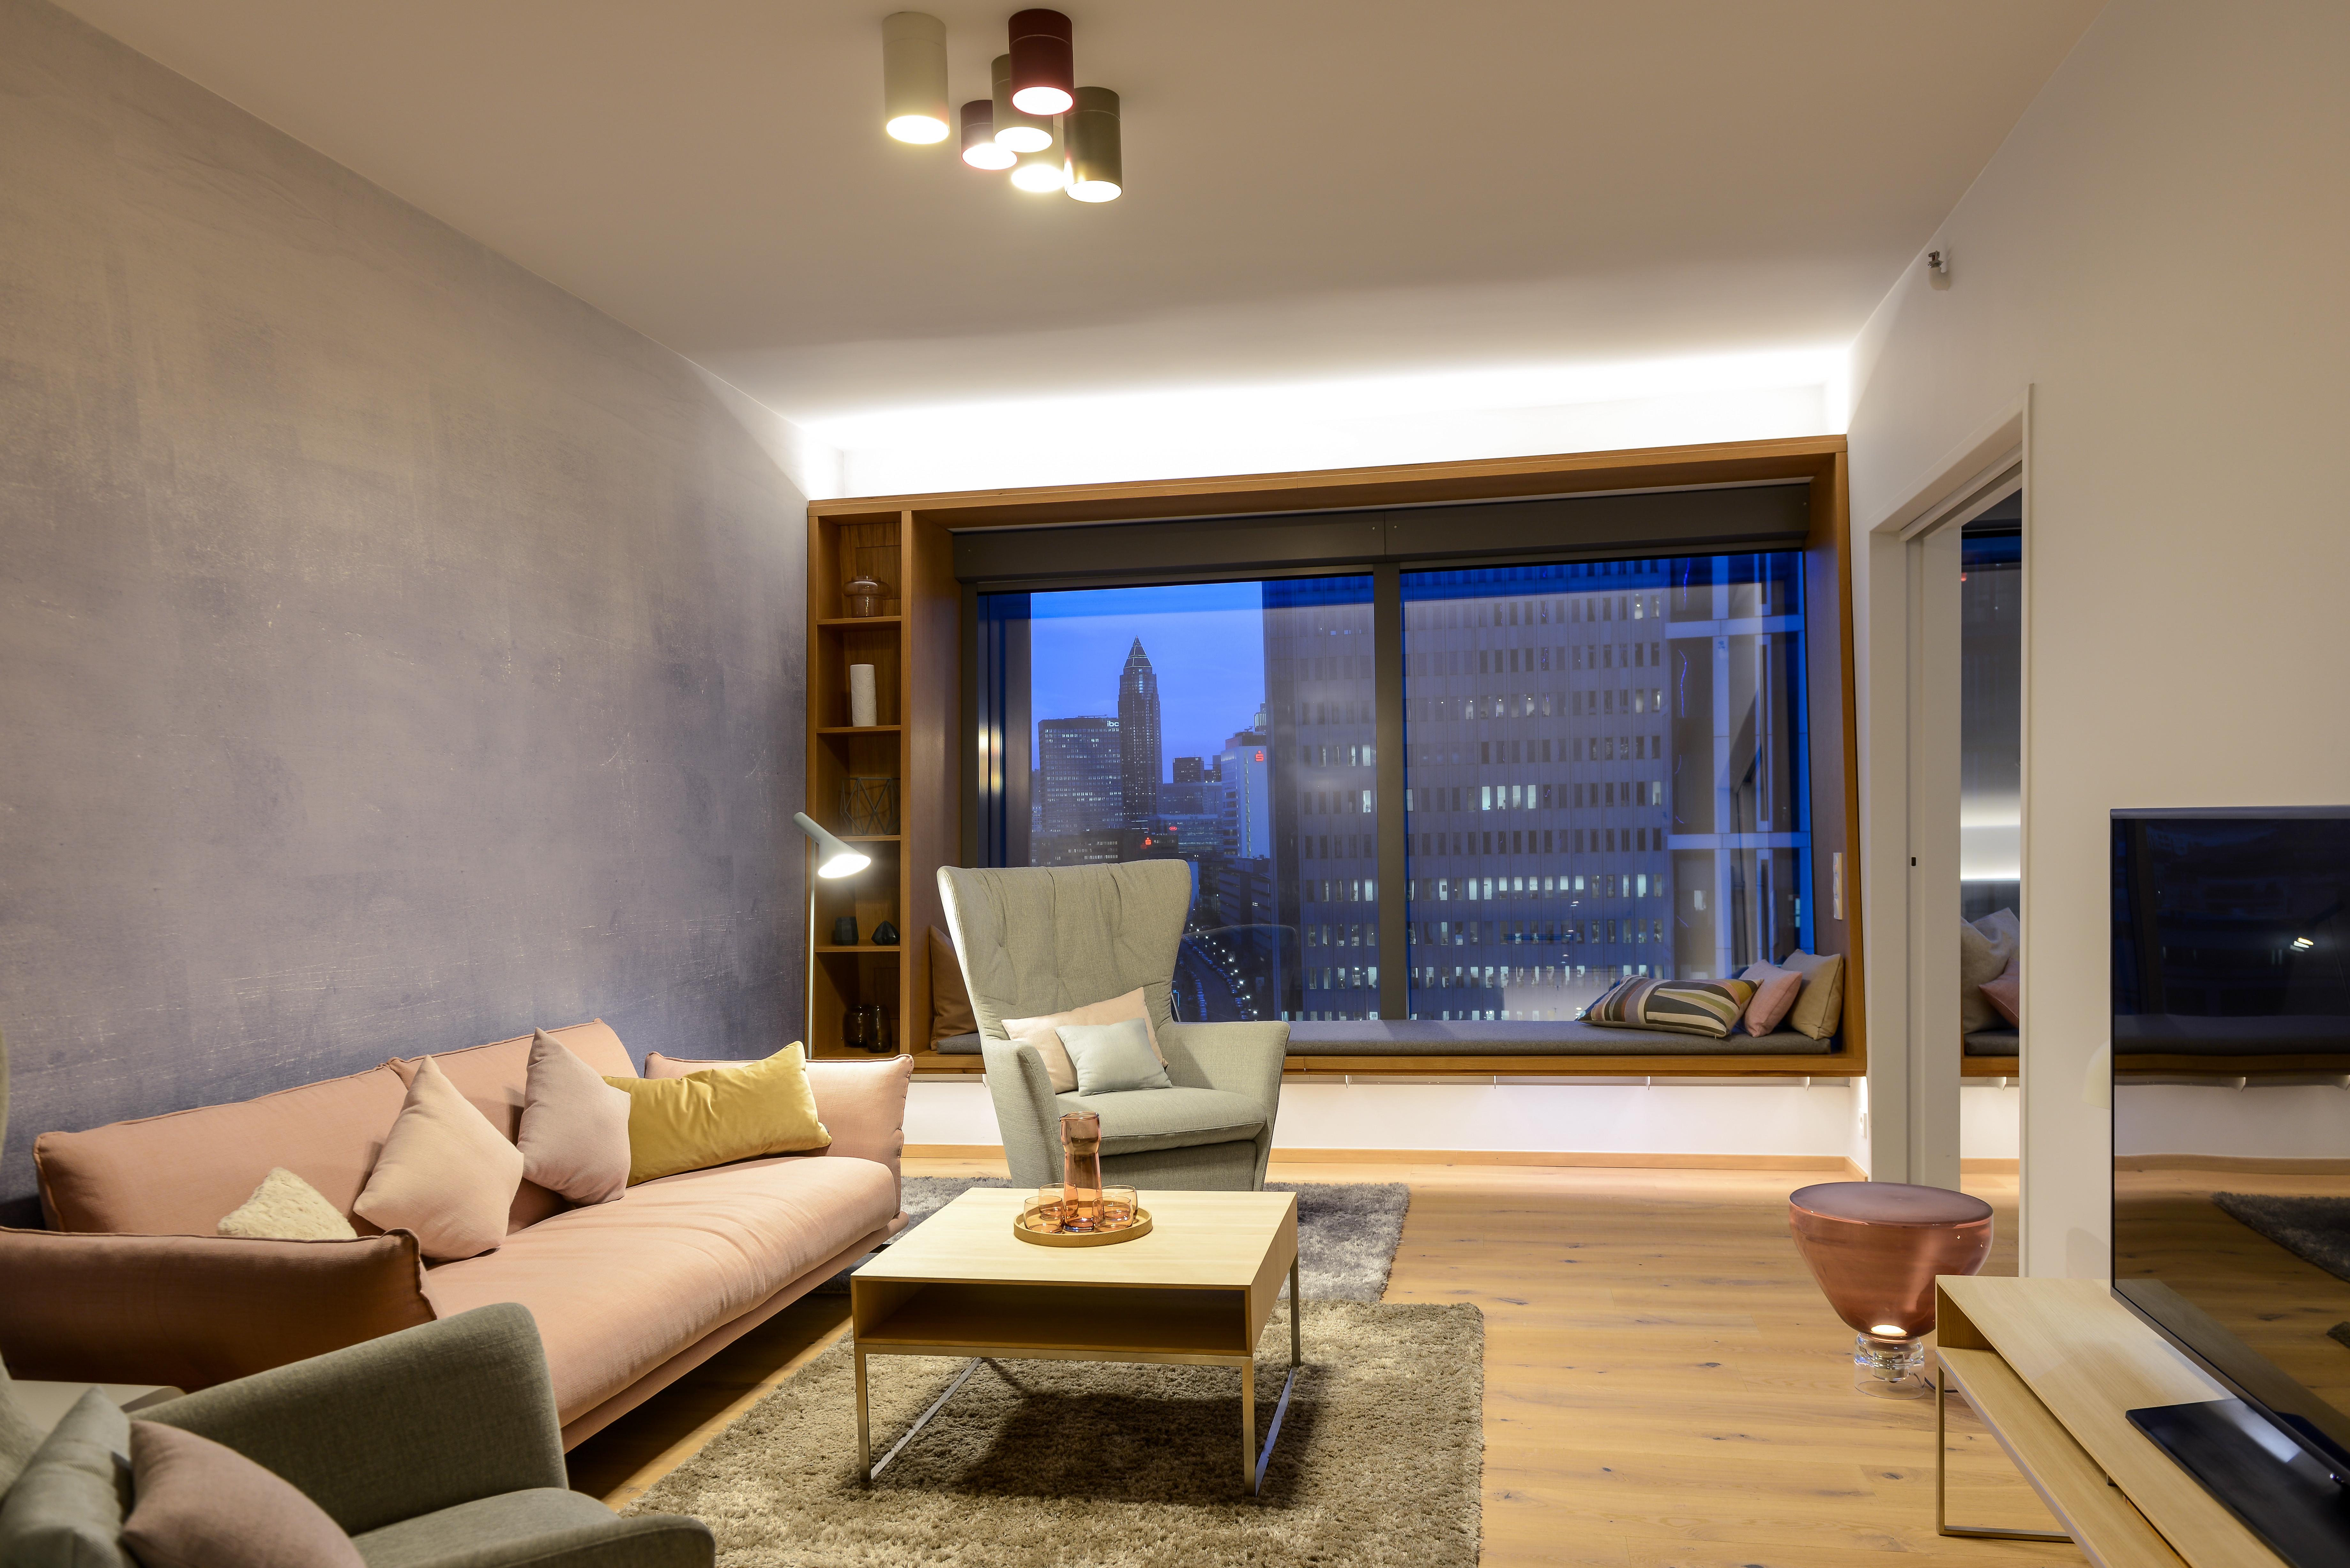 Beleuchtung Der Trendsuiten Im Radisson Blu Hotel, Frankfurt: Moderne  LED Technologie Trifft Interior